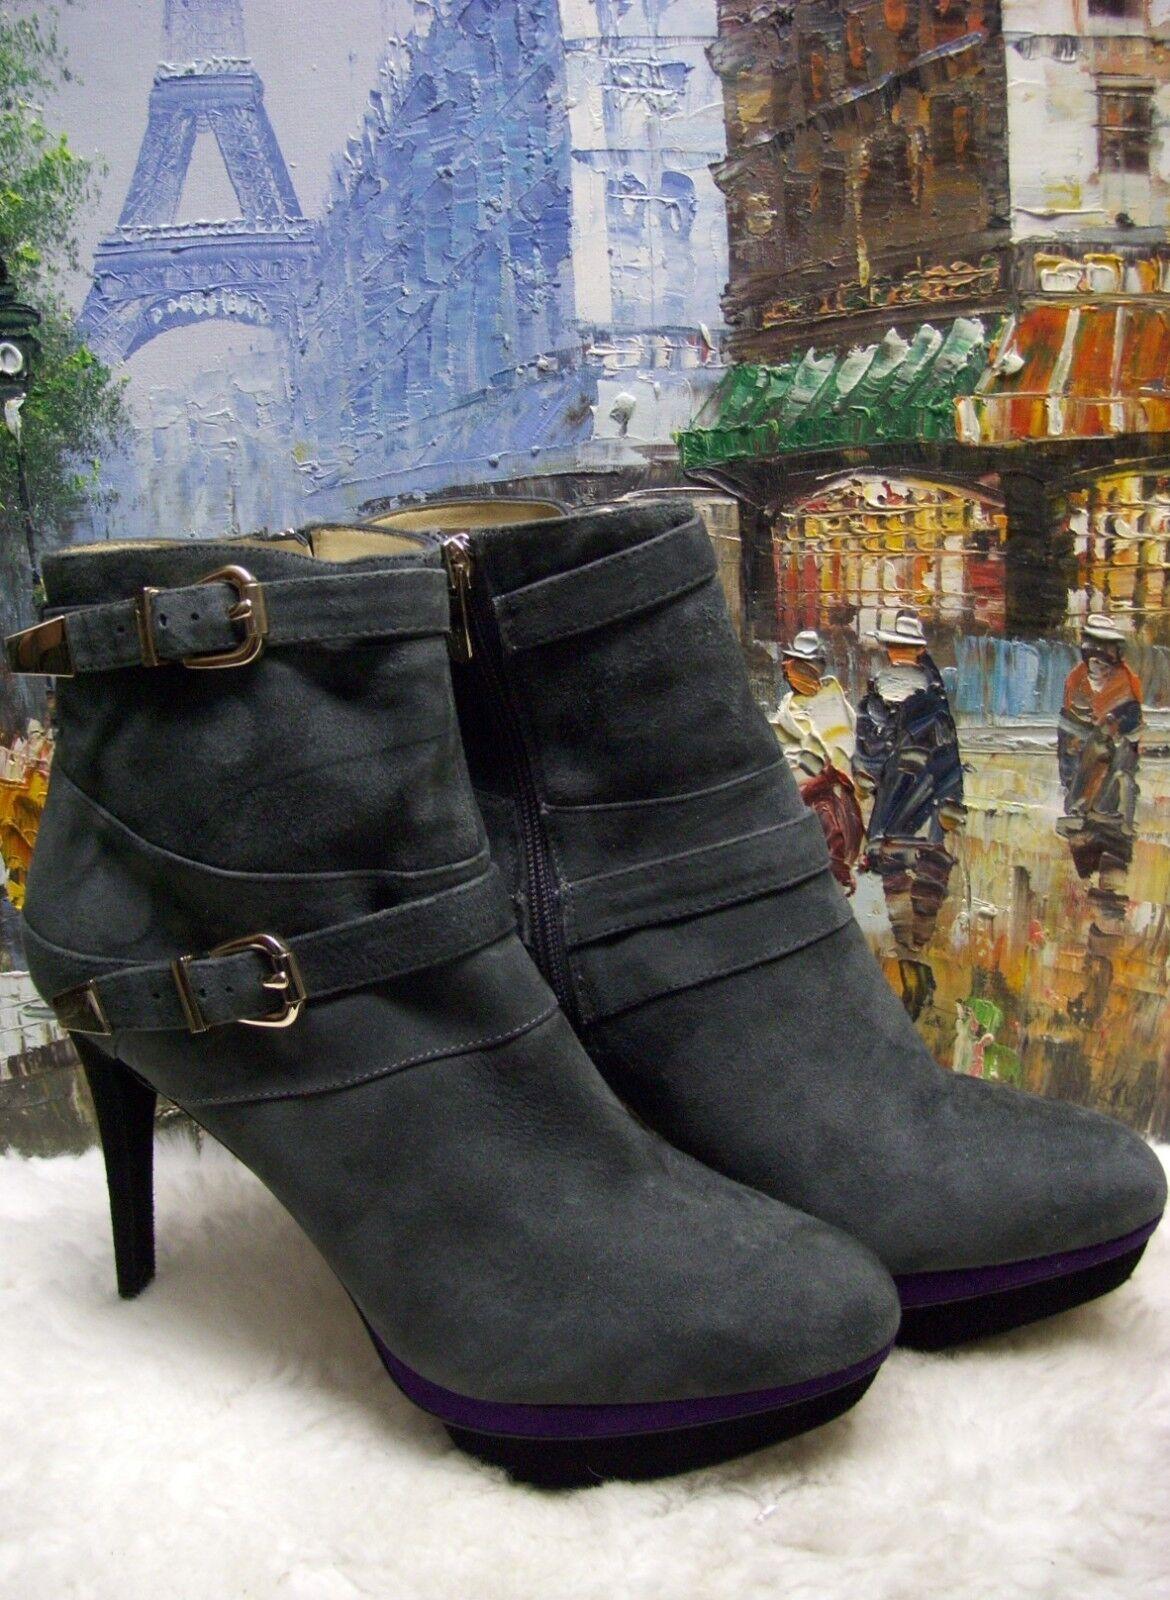 CAROLINNA ESPINOSA 'Elliot' Stiefelie - Größe 8.5M 40 -  399